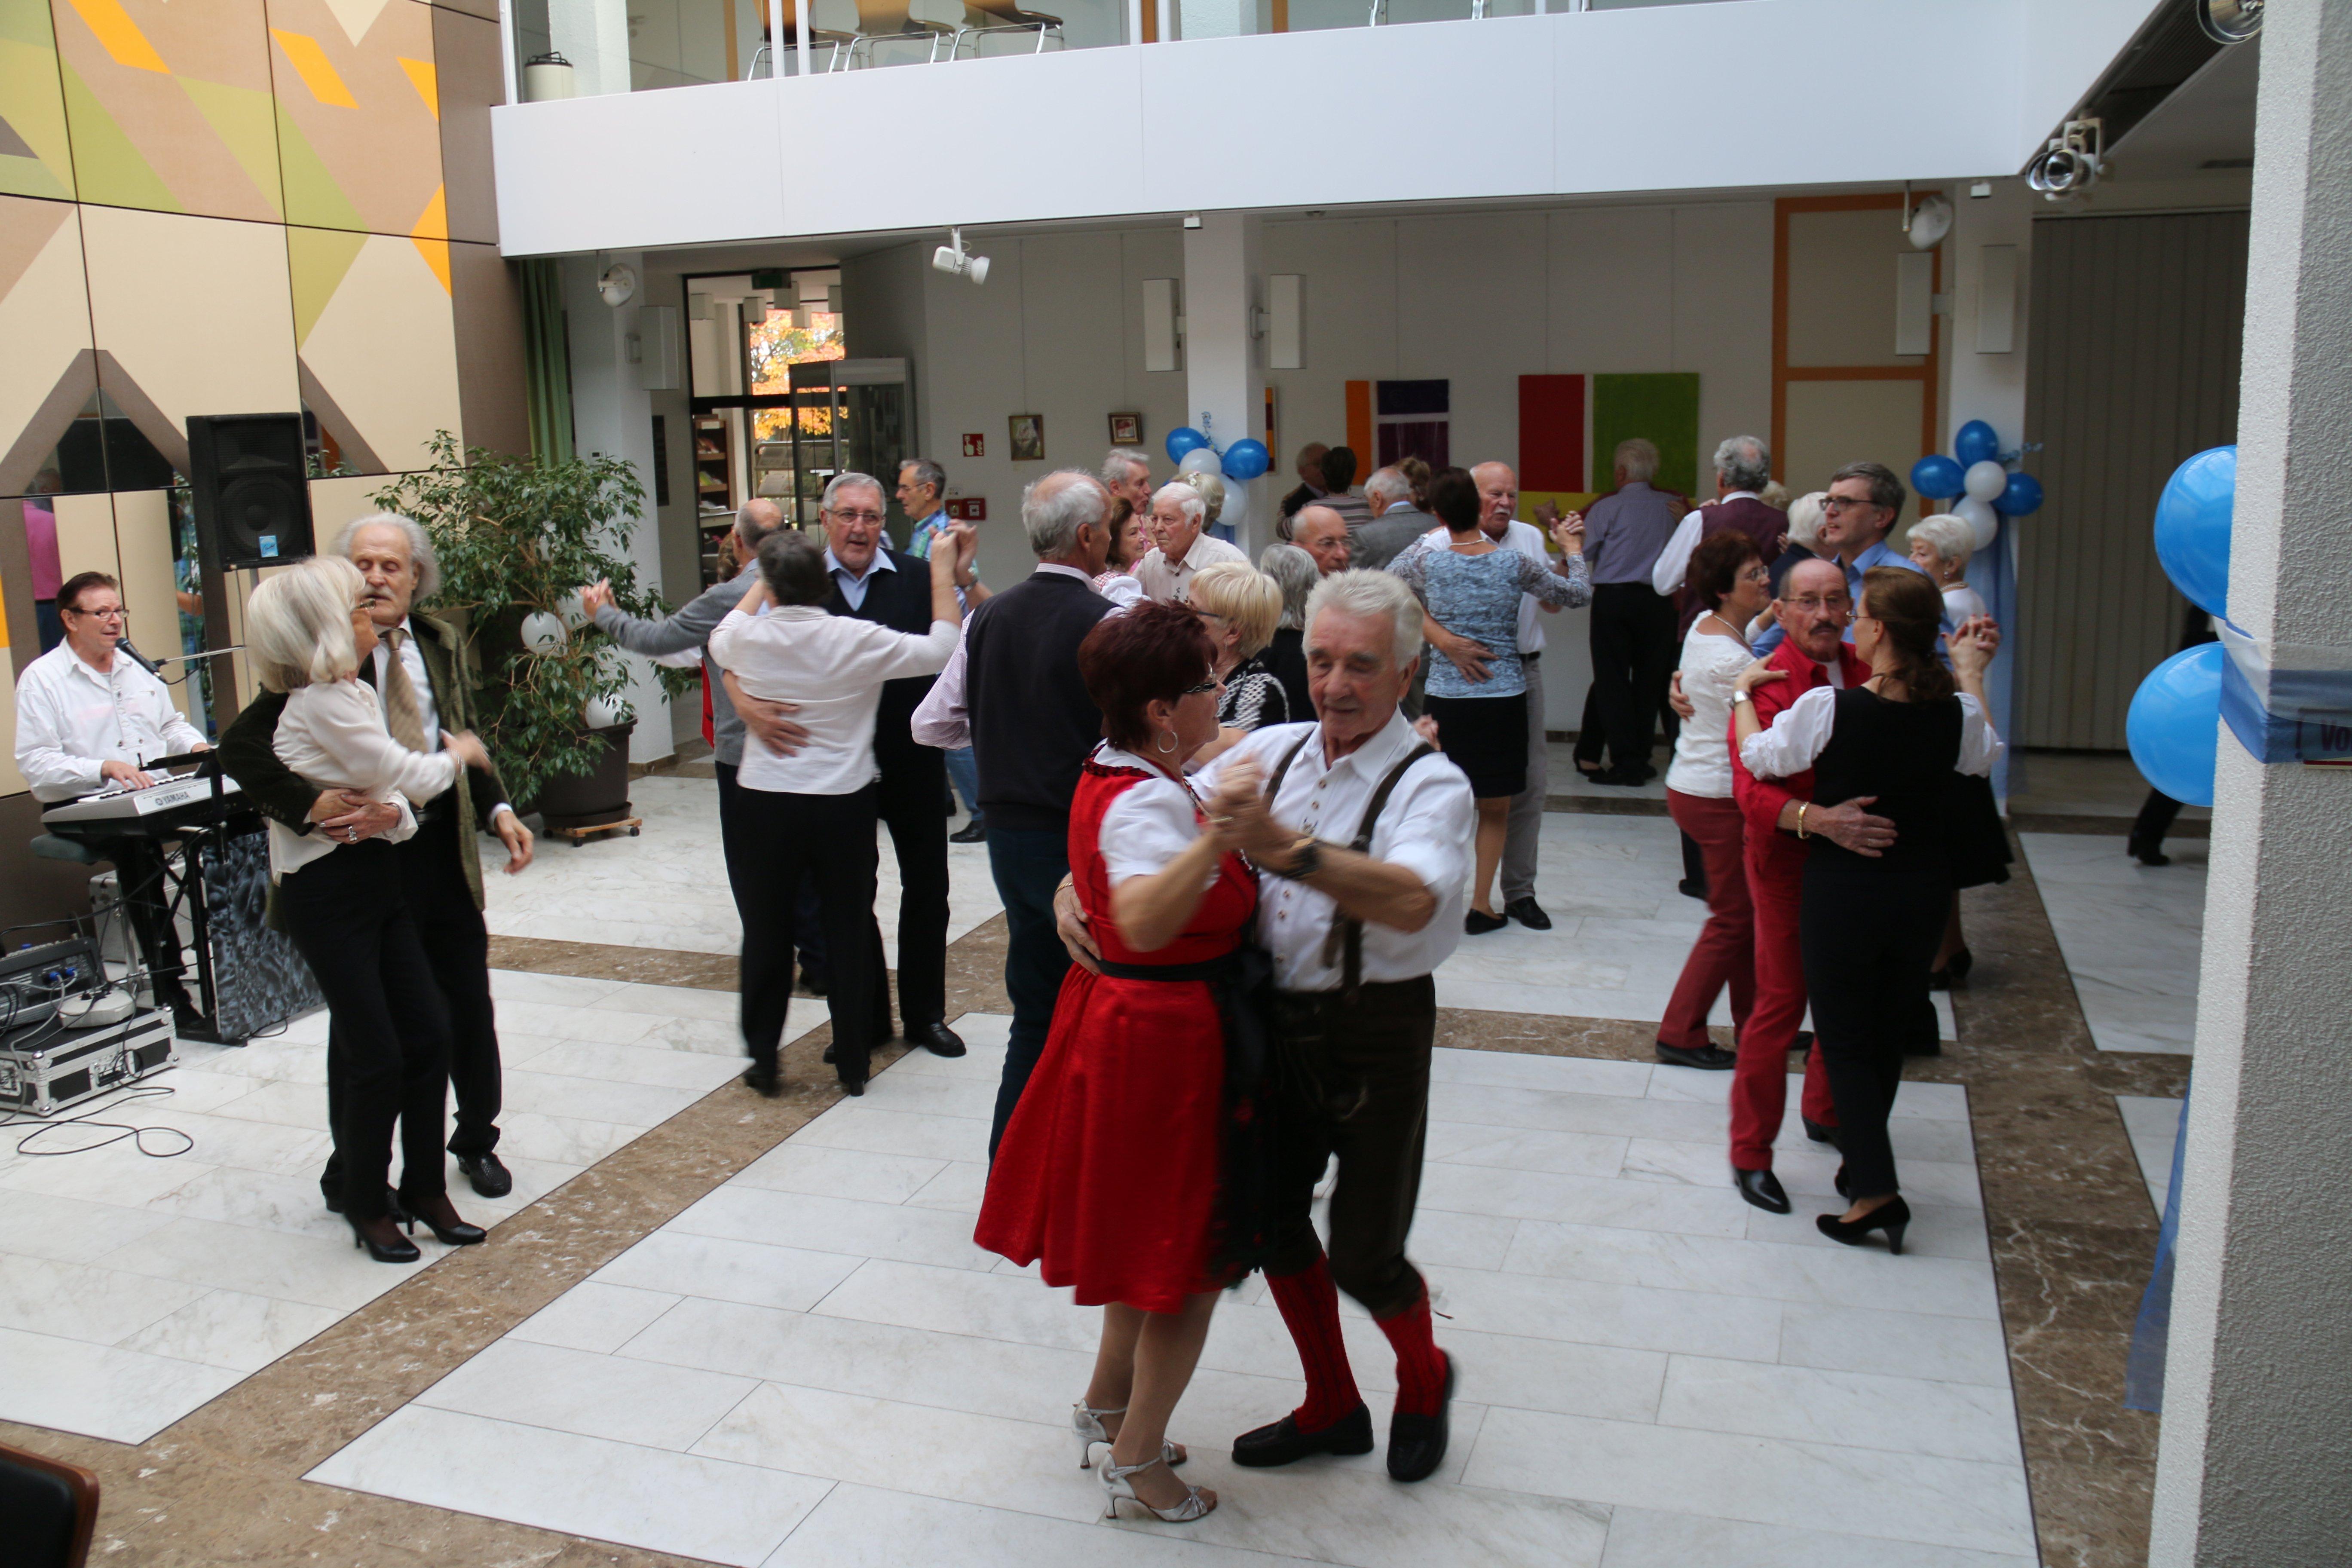 In Pärchen tanzende Senioren im Saal des Rathauses beim Tanztee